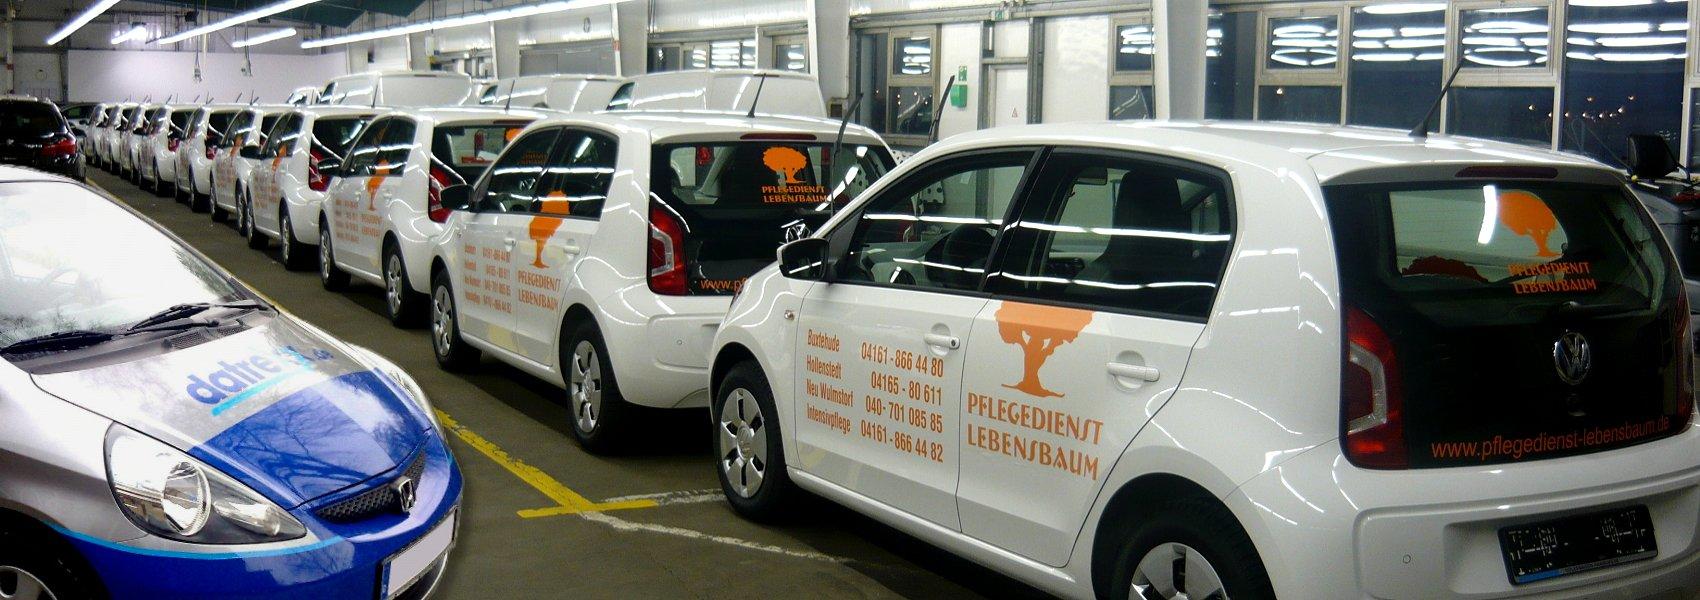 Beschriftungen-Kraftfahrzeuge-PKW-LKW-Vans-01